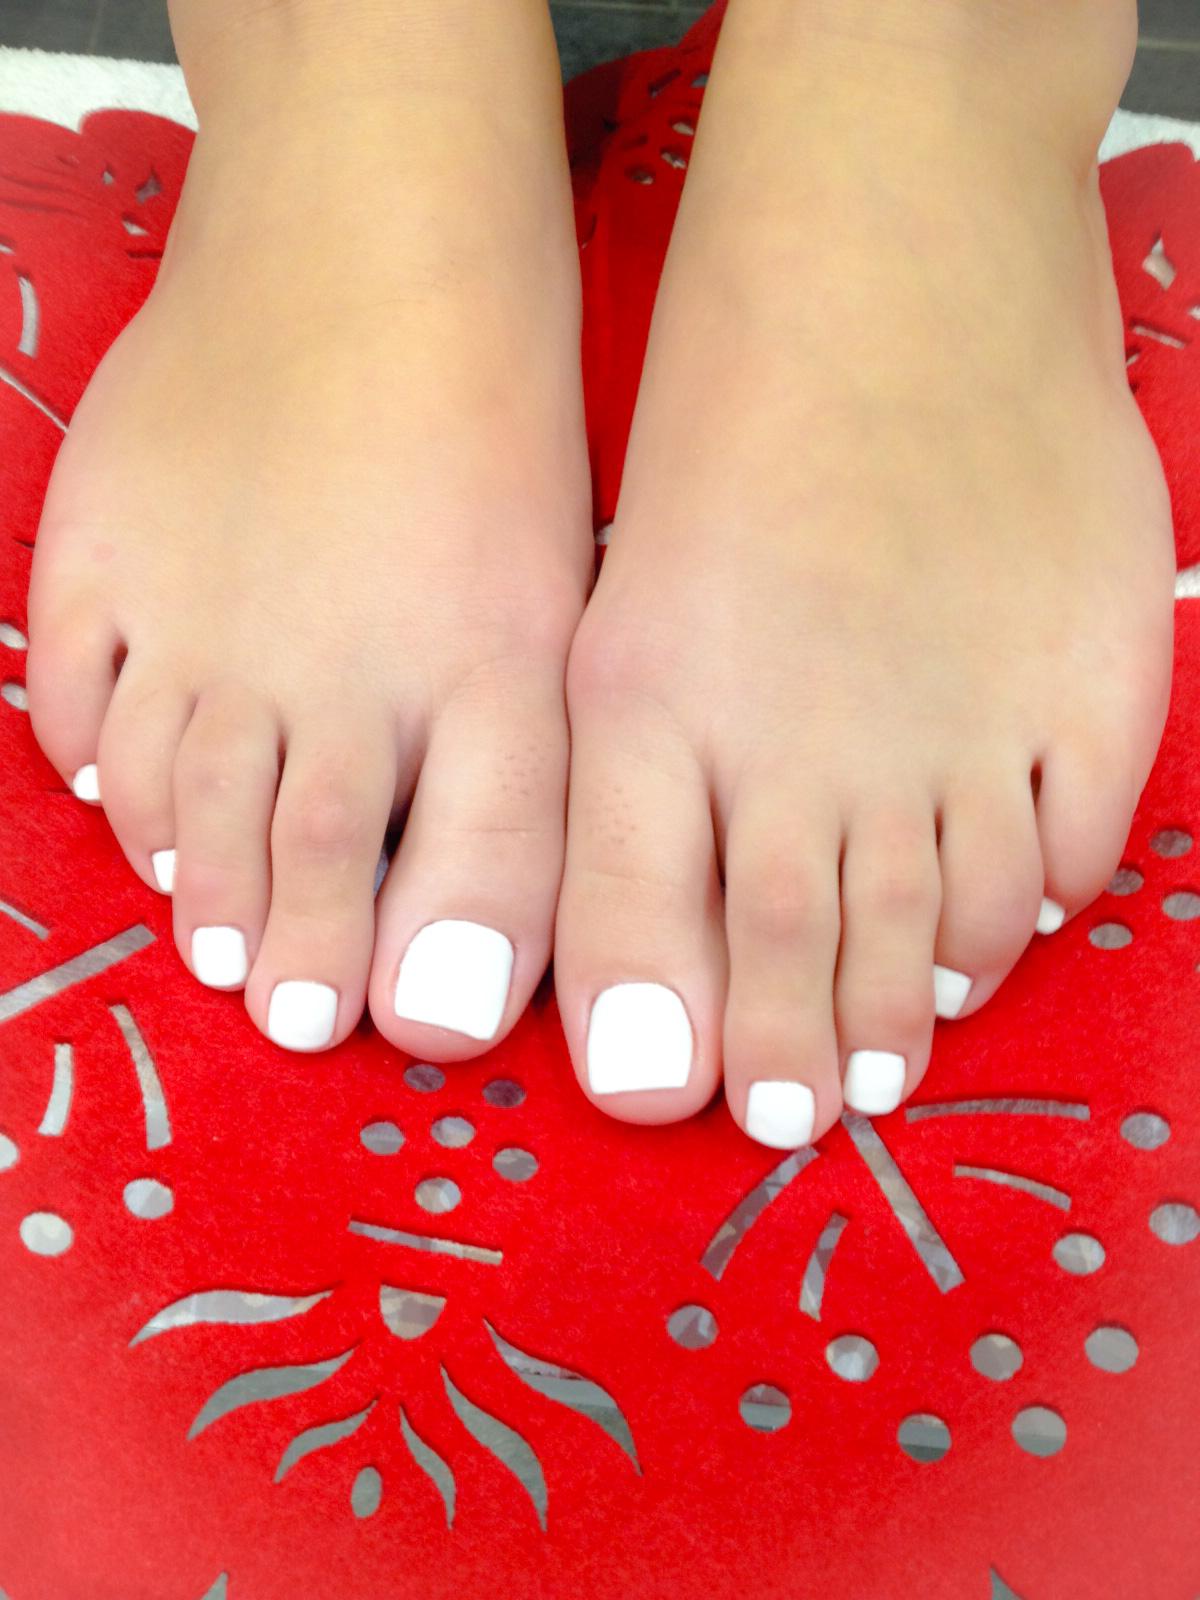 Remplissage en résine des pieds avec vernis couleur Pose complète d\u0027ongles  en résine sur